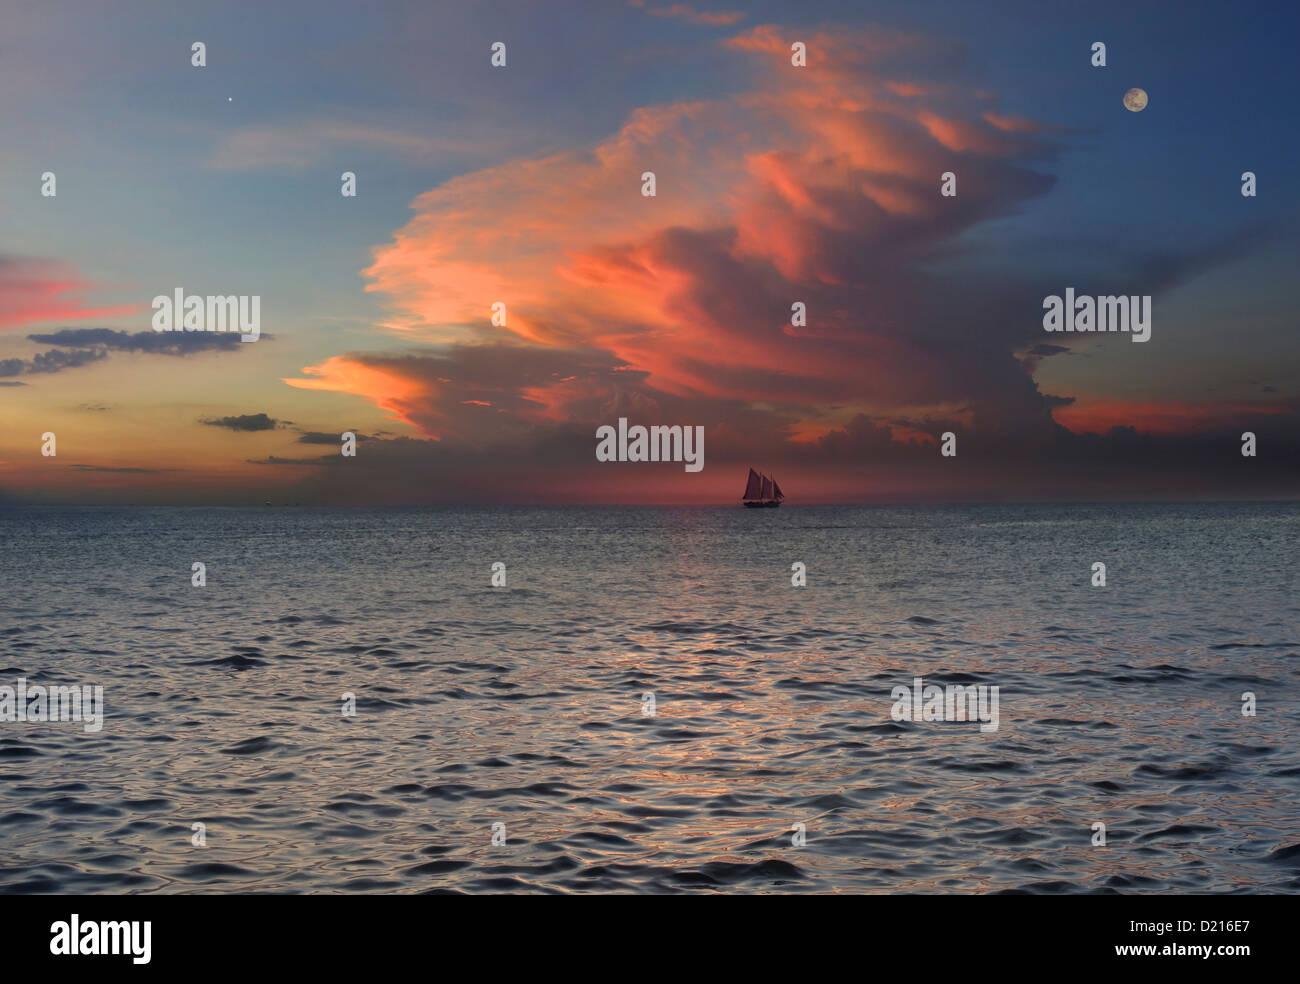 Ansicht der Schaluppe auf dem Horizont bei Sonnenuntergang, Boracay, Philippinen, Asien Stockbild